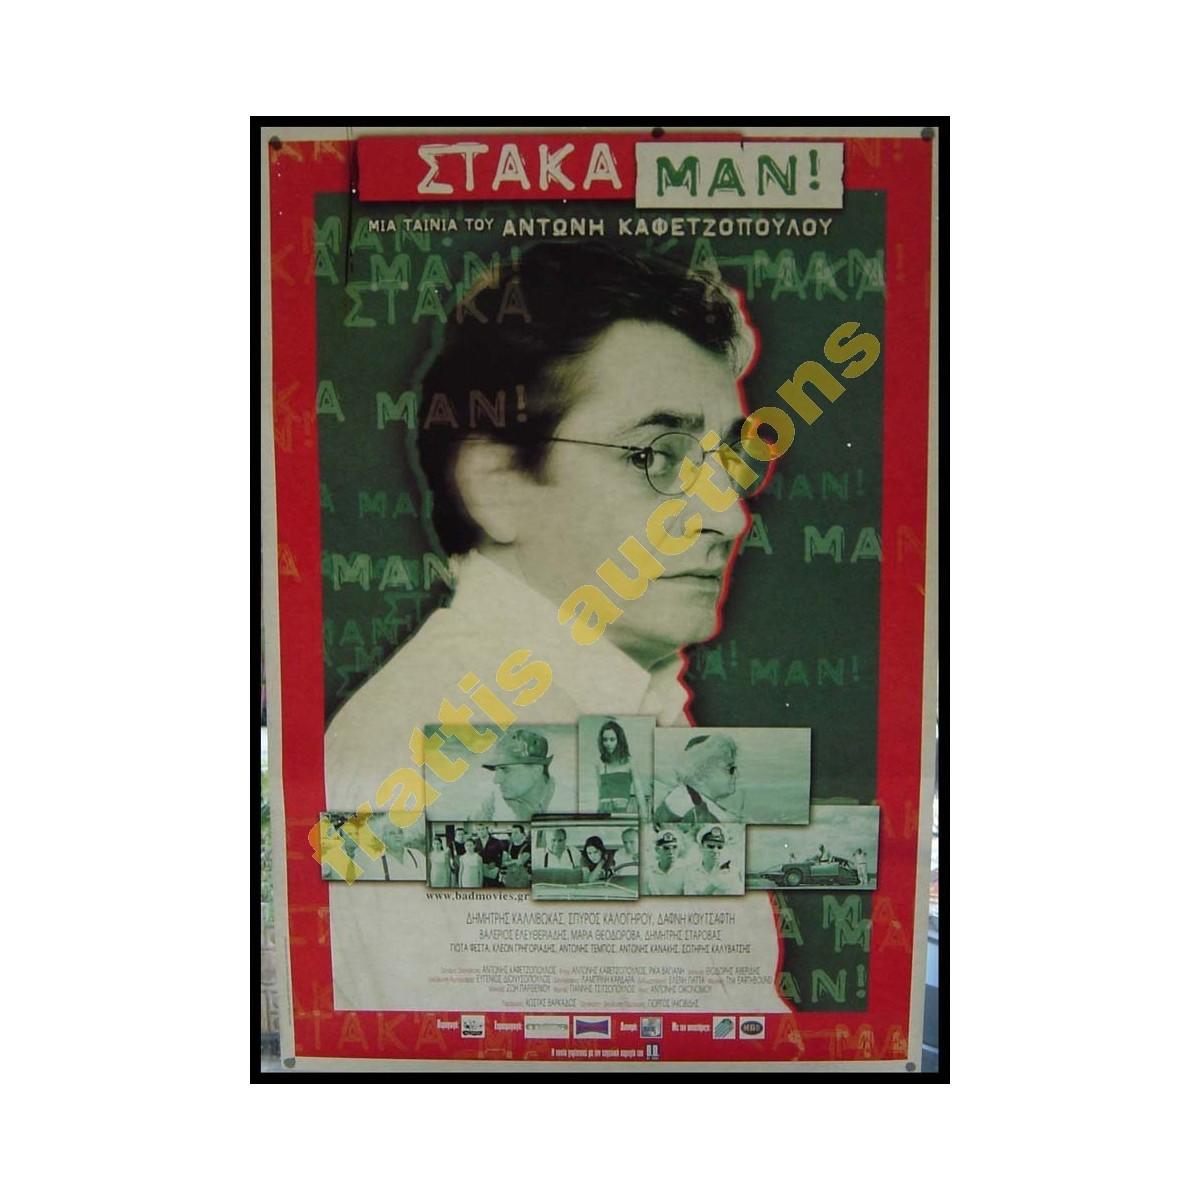 """"""" ΣΤΑΚΑ ΜΑΝ """" Αφίσα της ταινίας με τον Αντώνη Καφετζόπουλο."""